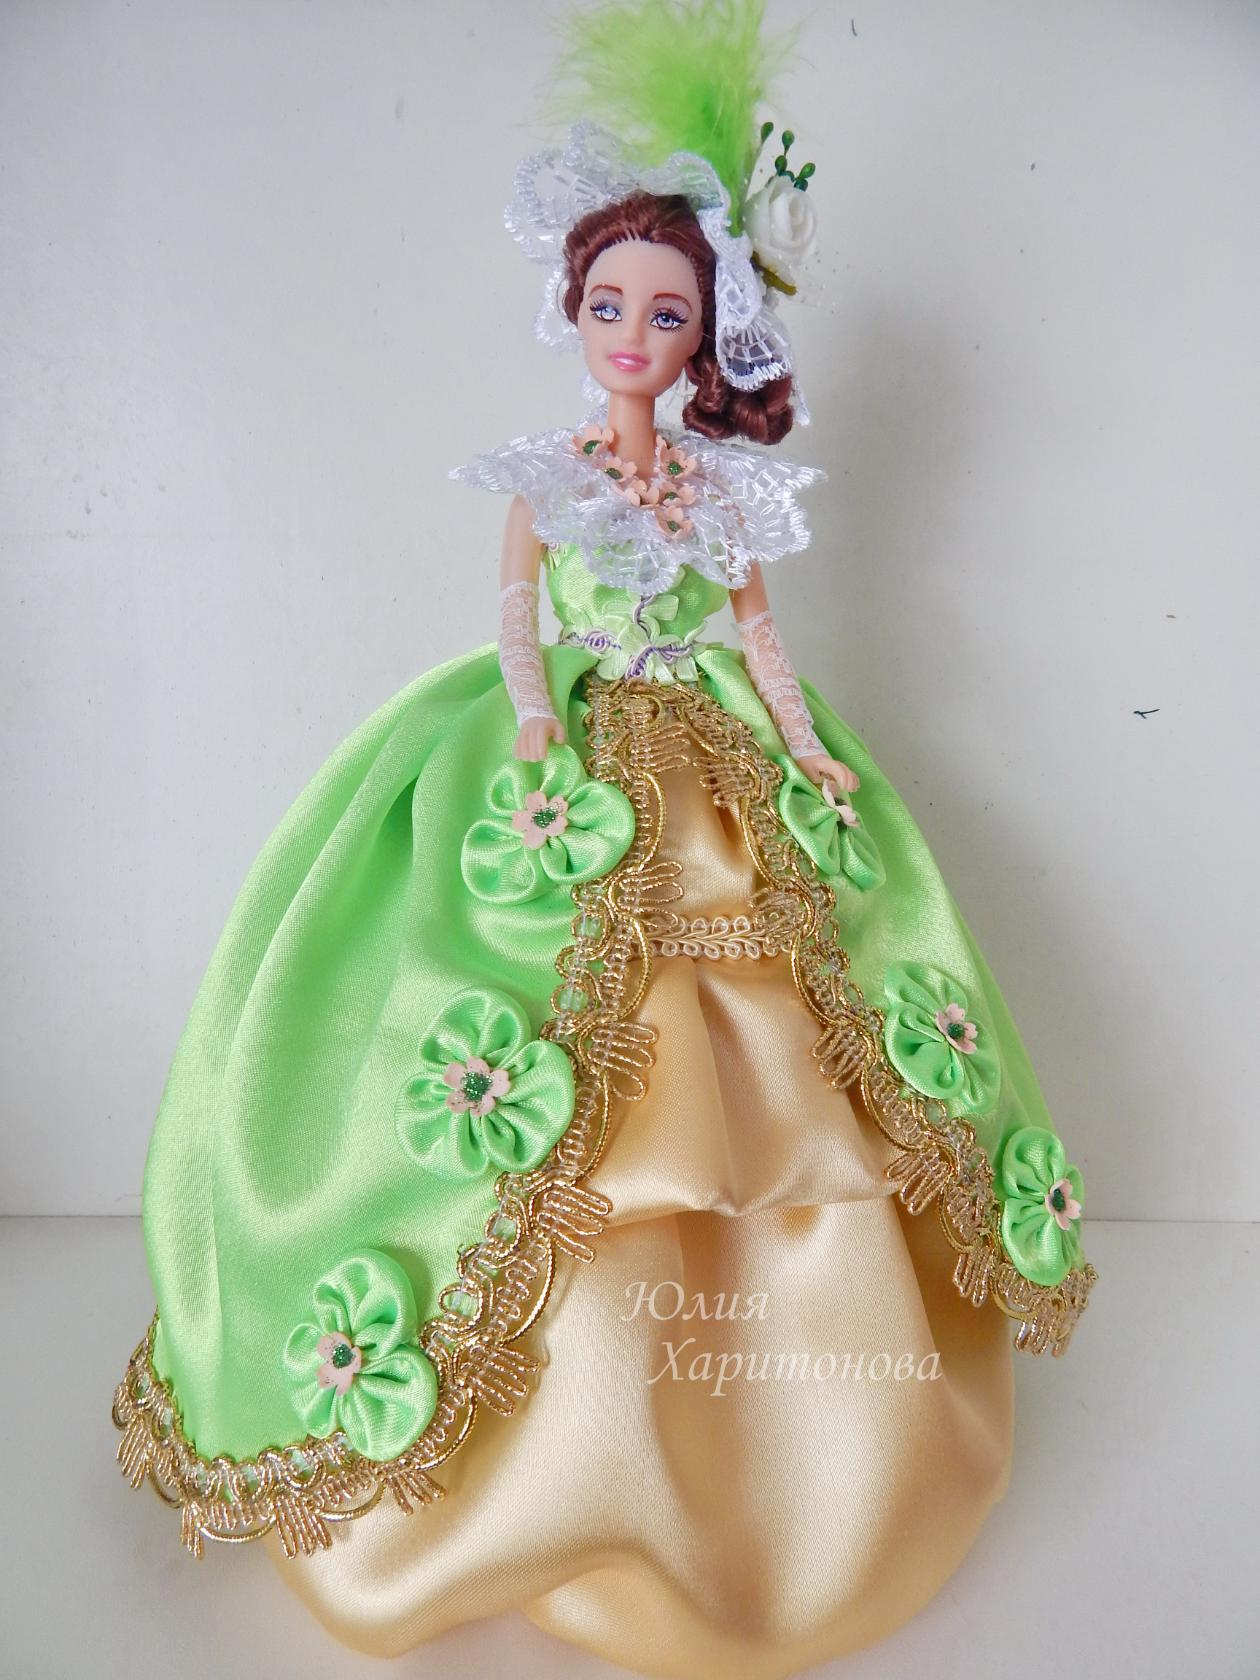 Куклы шкатулки фото - 447